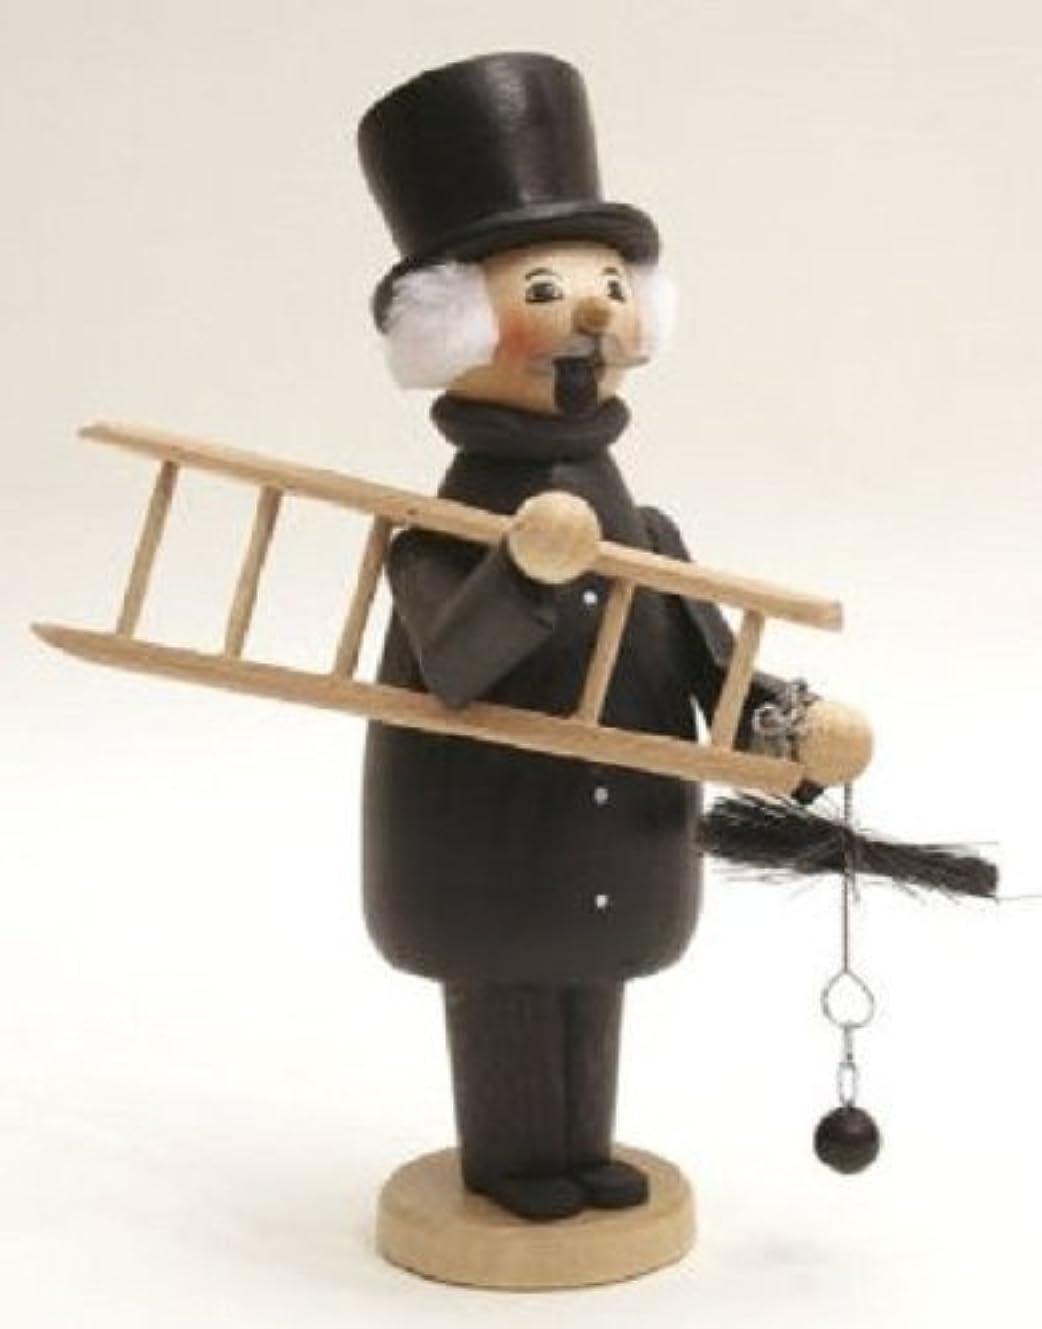 マティス酔っ払いそれる煙突スイープGermanクリスマスIncense Smoker Made inドイツエルツ山地Burner